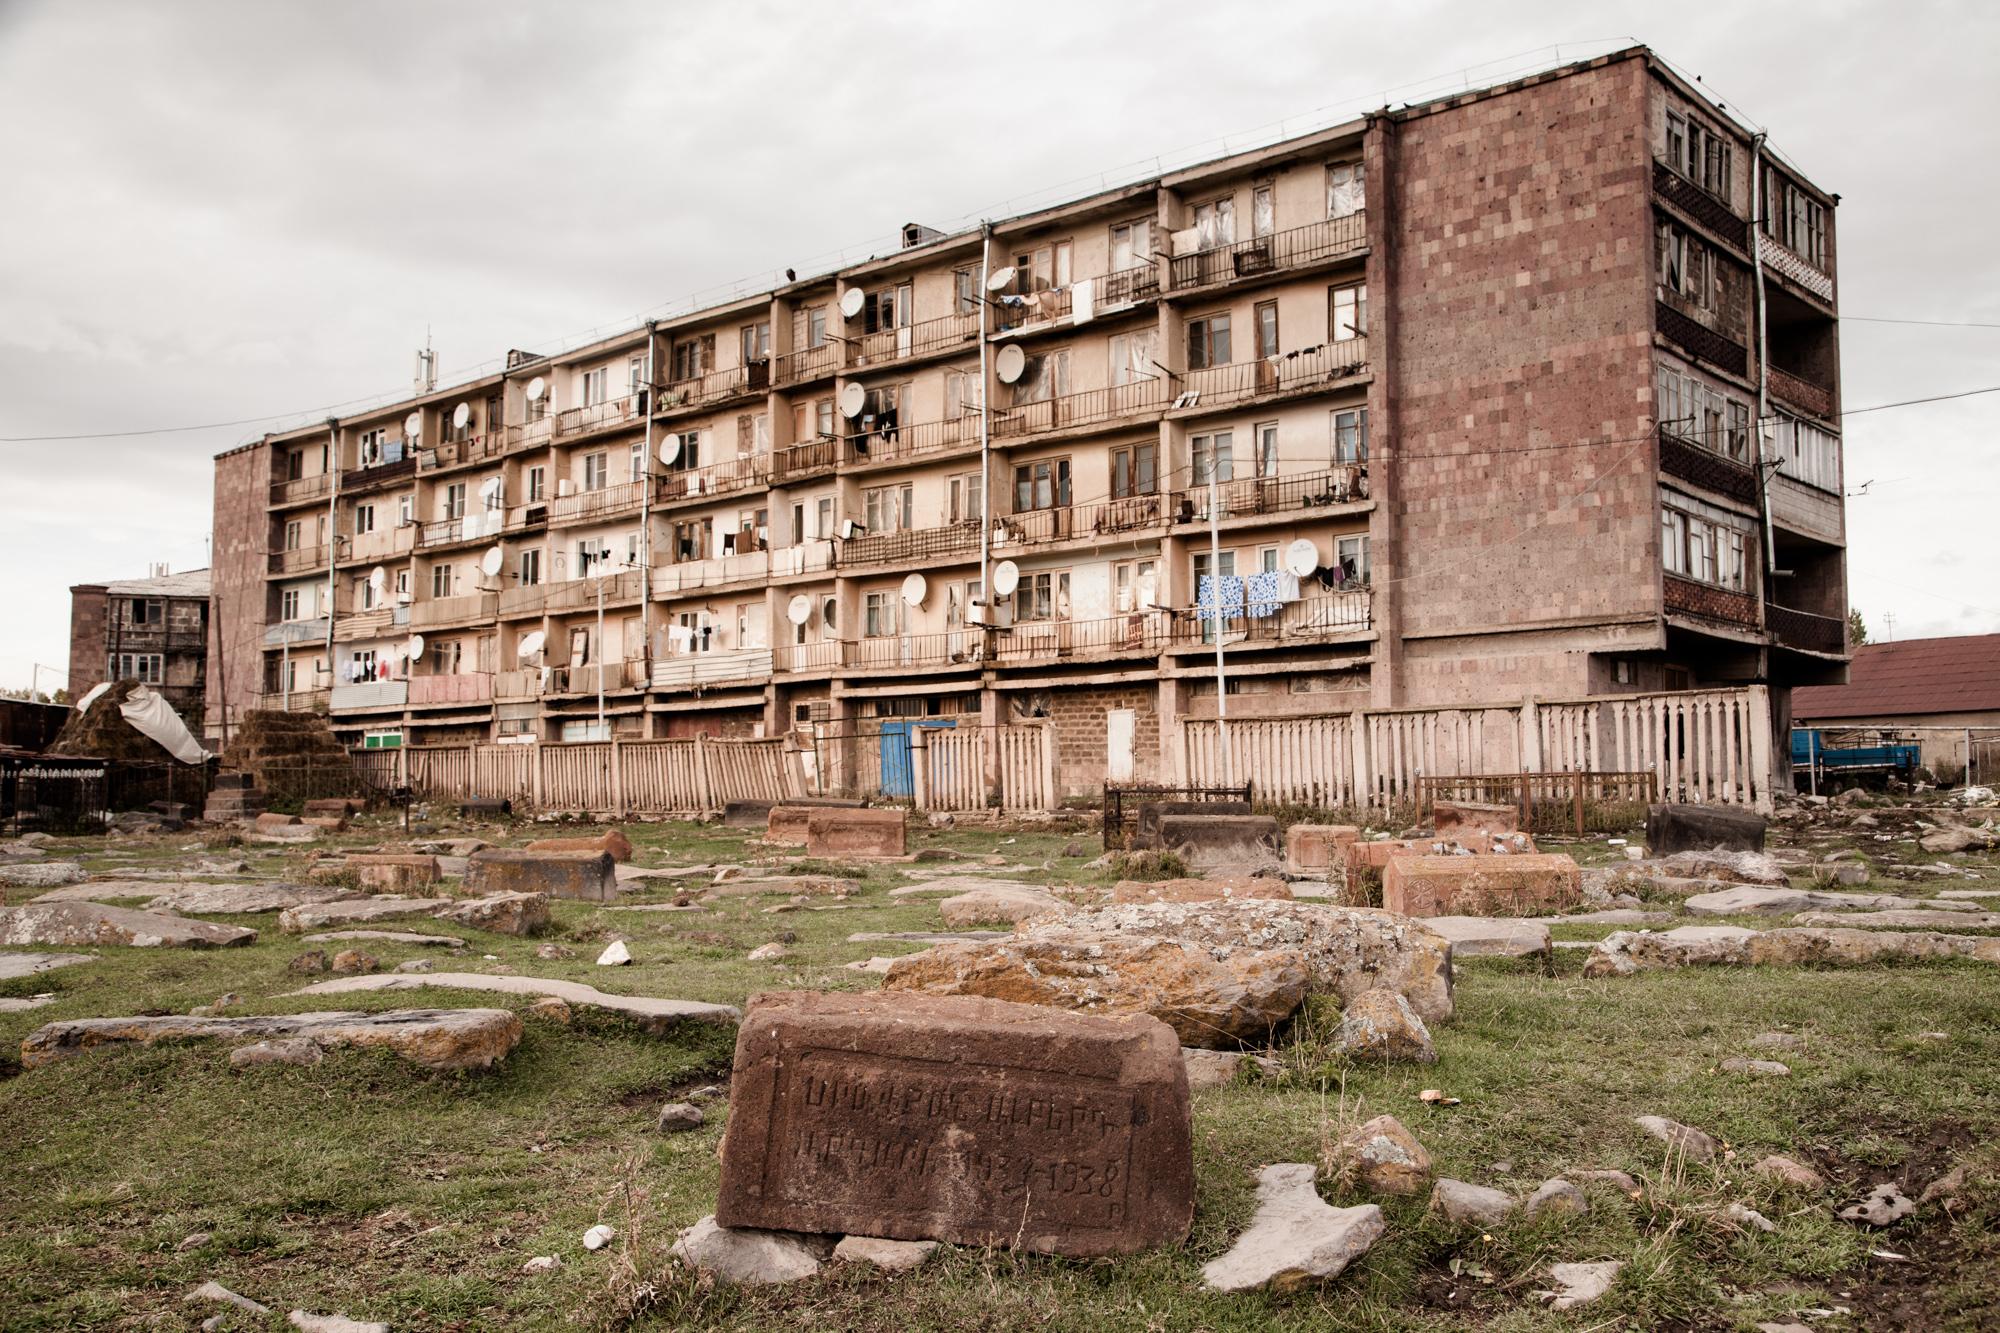 L'ancien cimetière d'Ashotsk, en centre-ville.  Extraits du webdocumentaire   Ashotsk, aux confins de l'Arménie  .